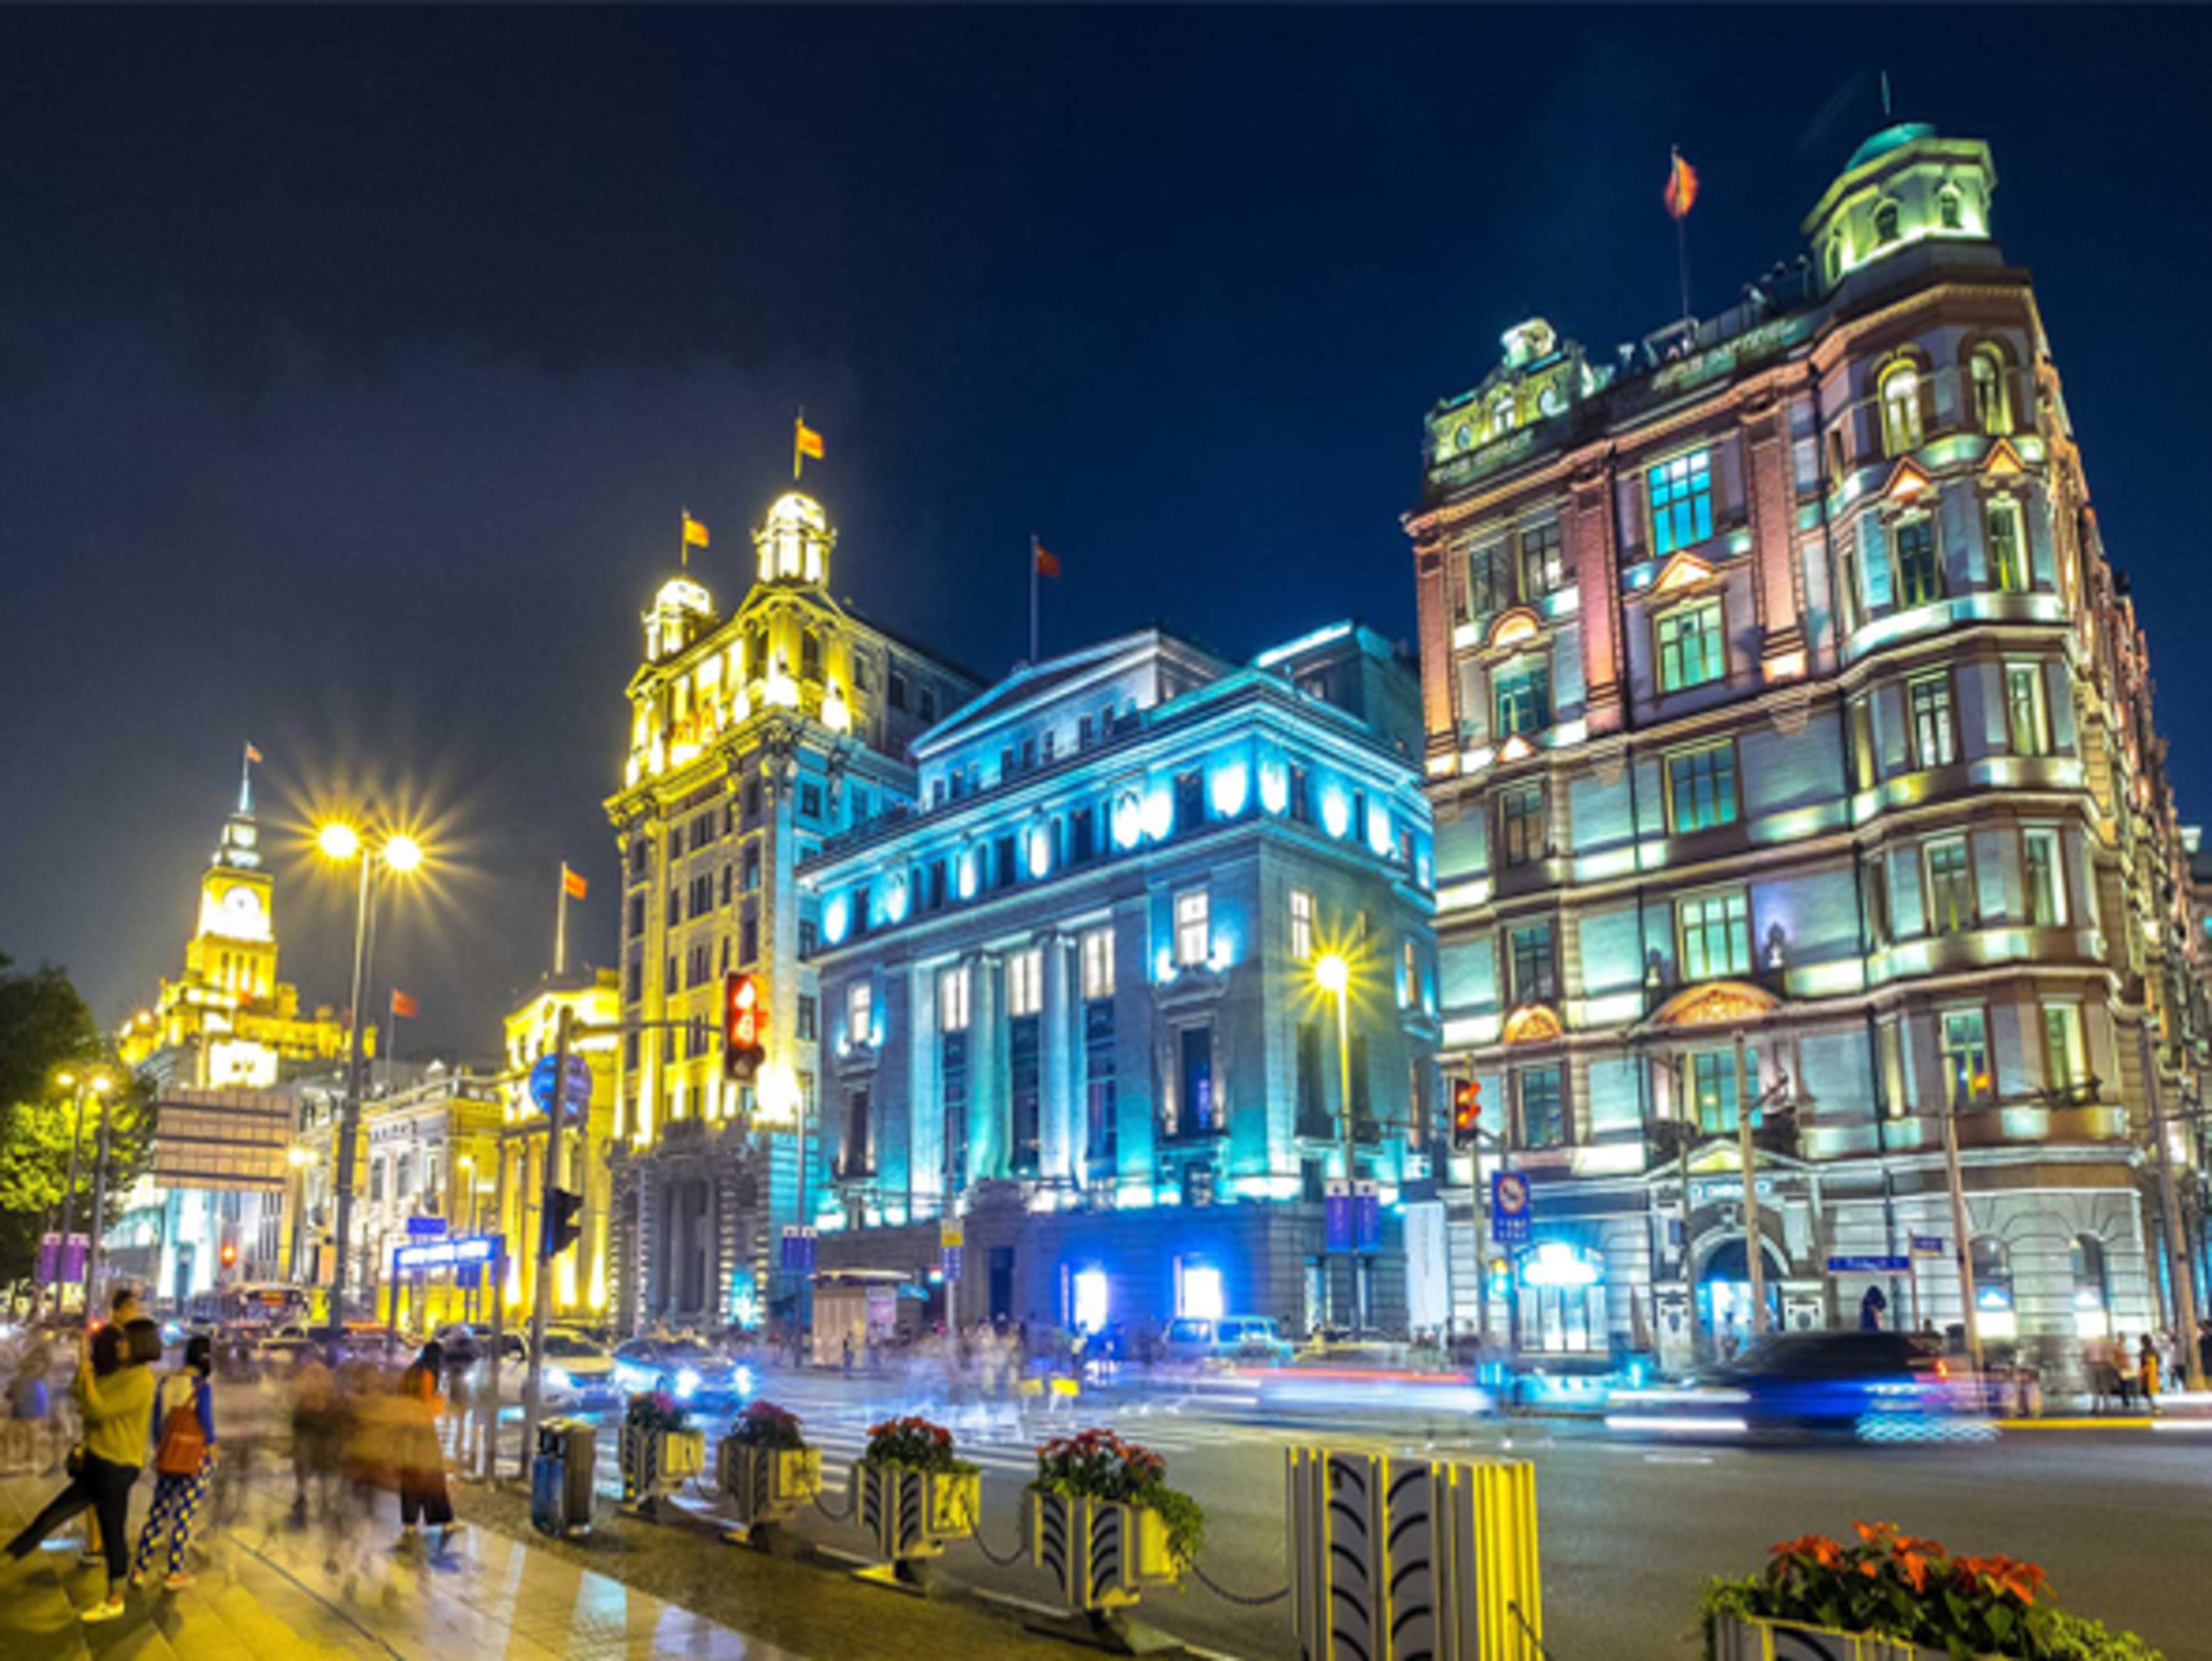 เที่ยวเต็มครบ 3 เมืองดัง  เซี่ยงไฮ้ - หังโจว - อู๋ซี  ร้าน STARBUCKS RESERVE ROASTERY  ใหญ่และสวยที่สุดในโลก